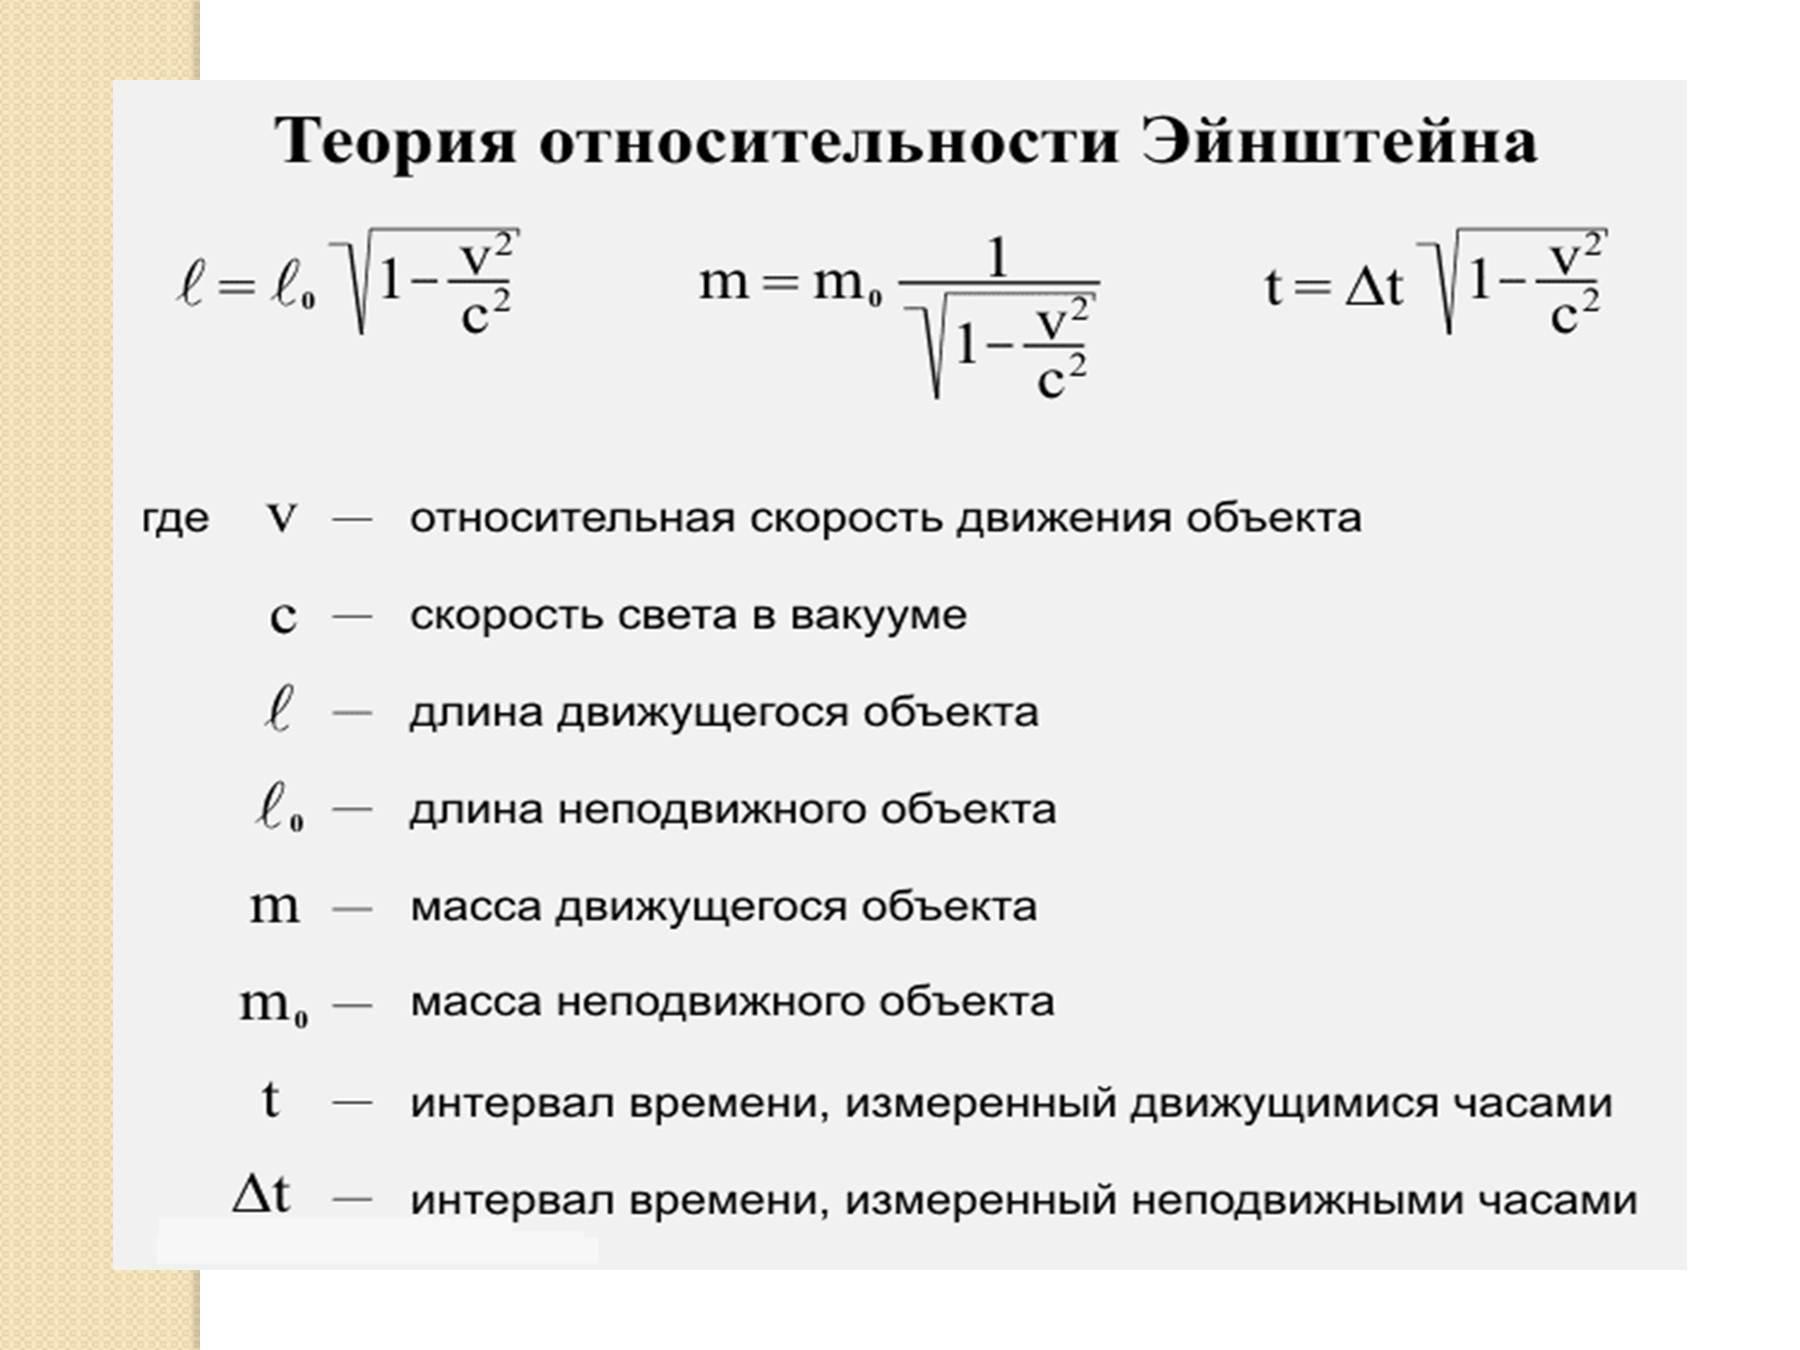 основном специальная теория относительности в картинках возникновении короткого замыкания